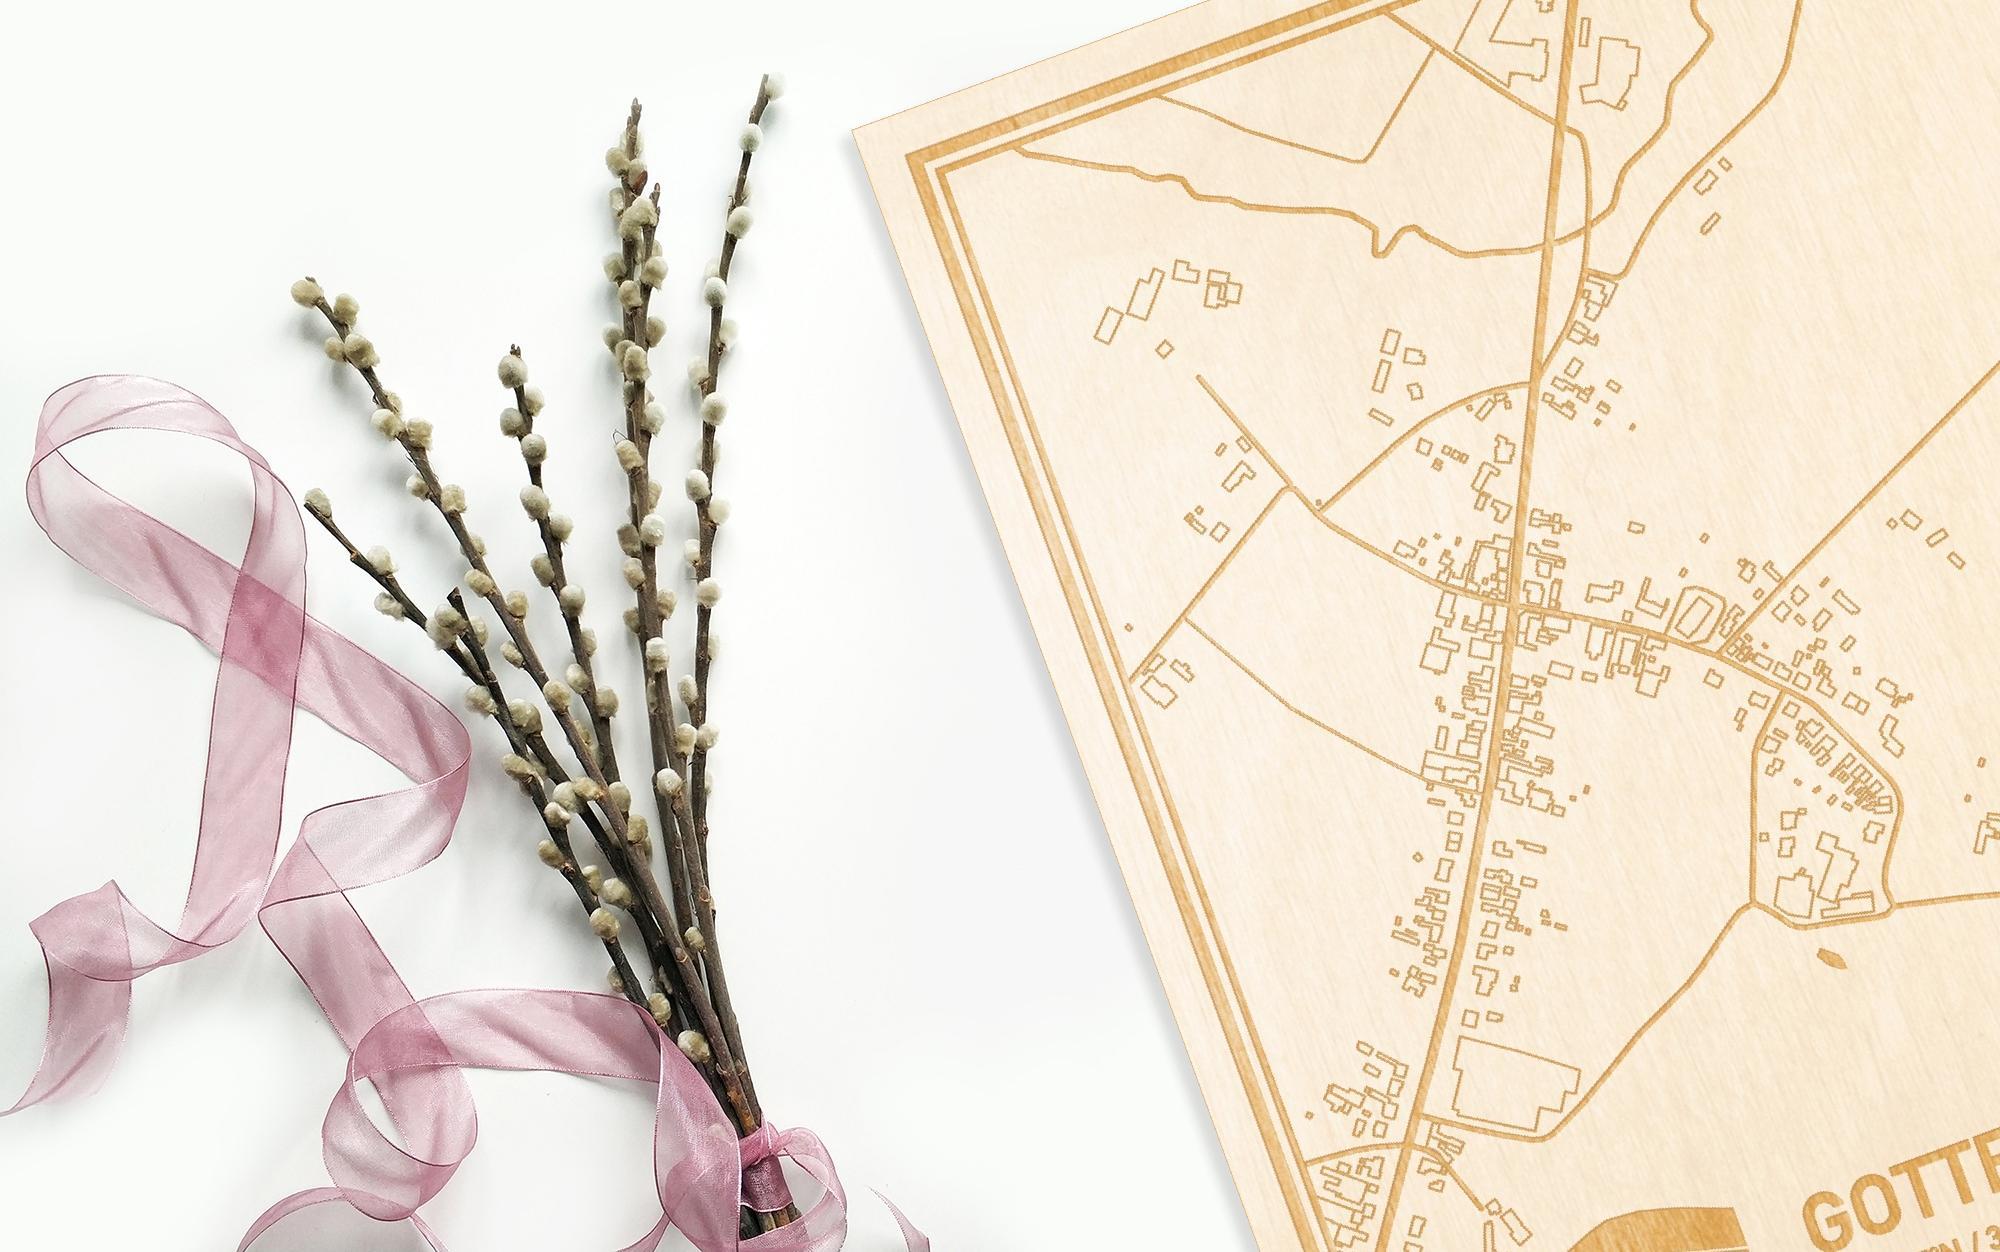 Hier ligt de houten plattegrond Gottem naast een bloemetje als gepersonaliseerd cadeau voor haar.